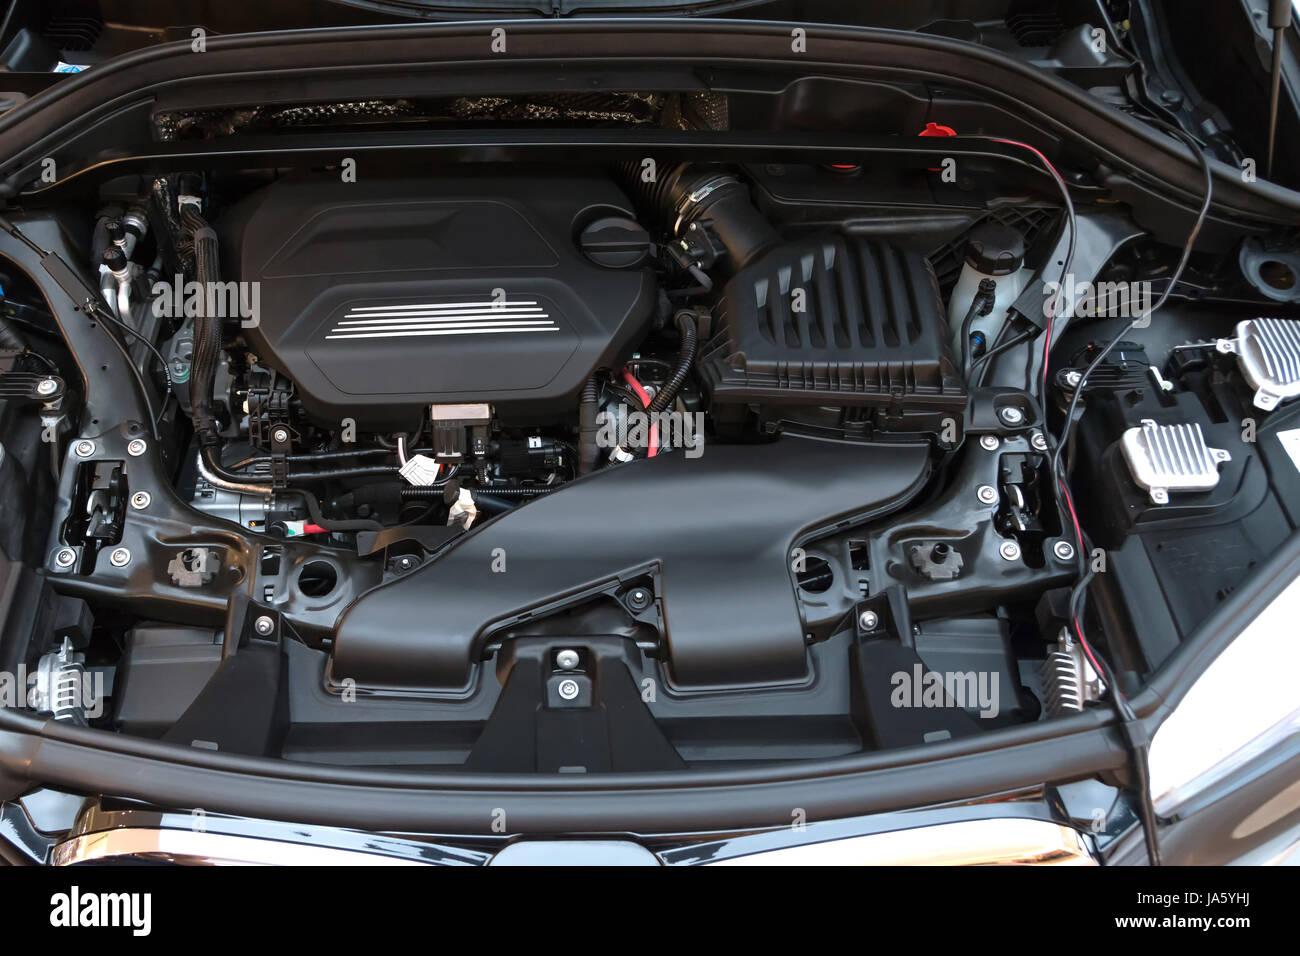 Nett Beschriftete Teile Eines Autos Fotos - Schaltplan Serie Circuit ...